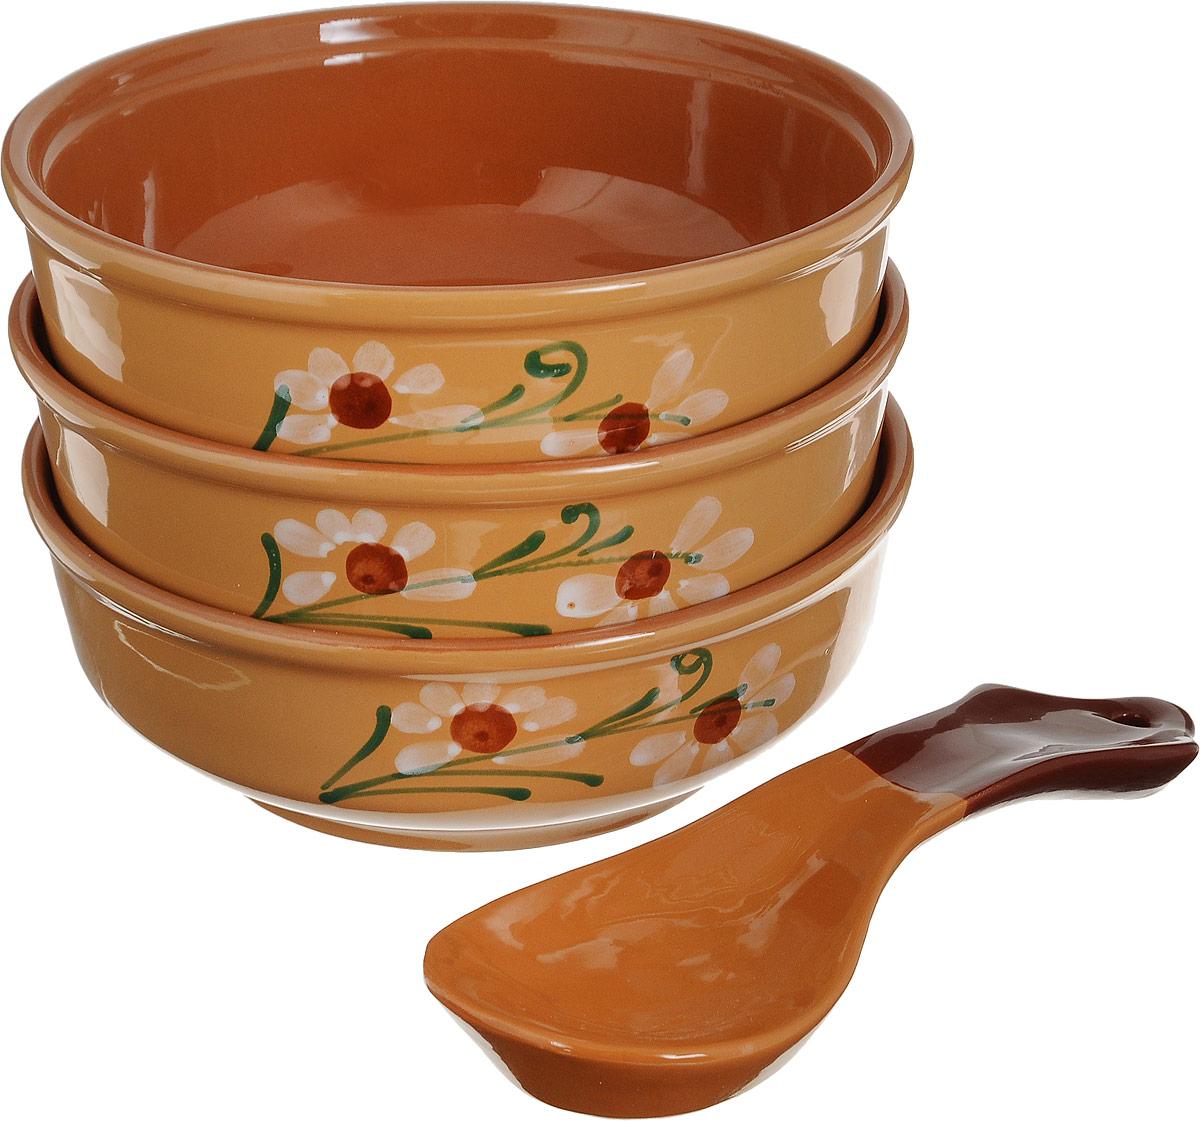 Набор столовой посуды Борисовская керамика Русский, 80 мл, 4 предмета набор столовой посуды борисовская керамика на троих цвет синий белый 4 предмета